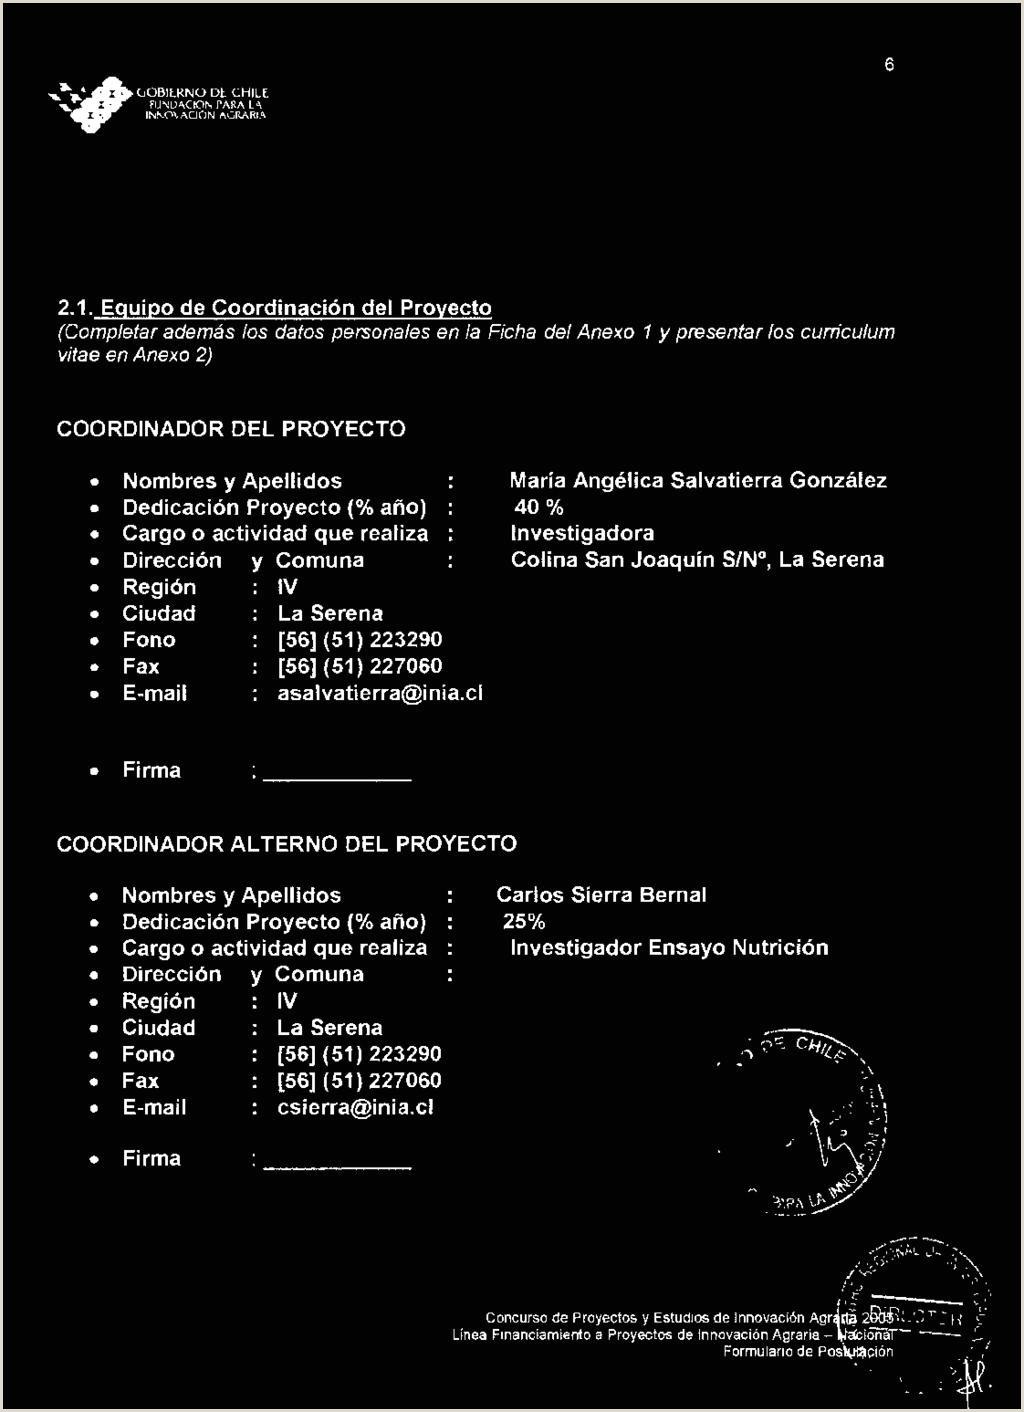 """SECCI""""N 1 ANTECEDENTES GENERALES DEL PROYECTO PDF"""